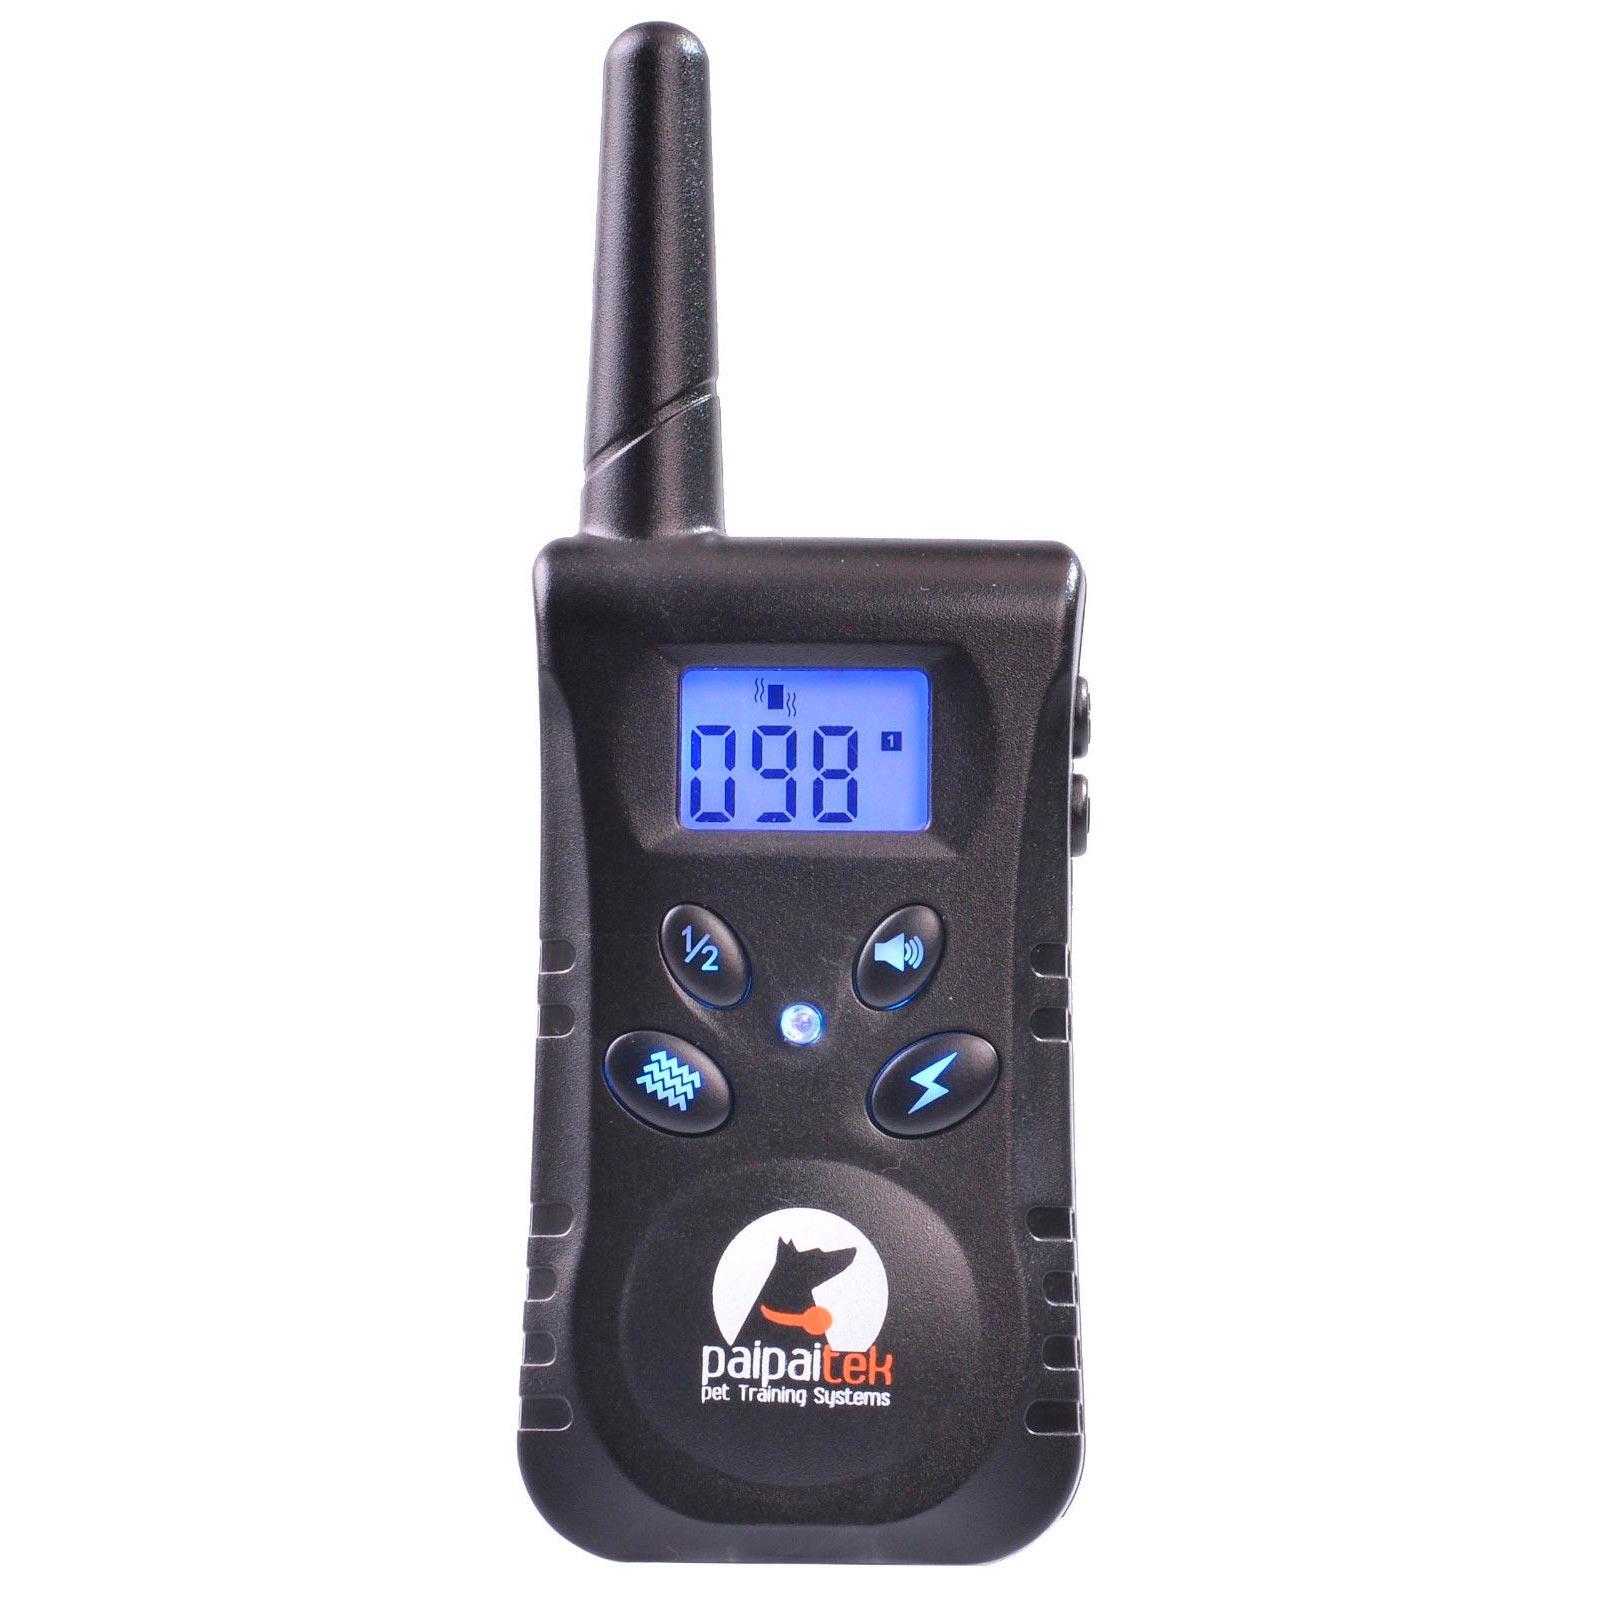 Продам Пульт PD520 для электроошенийков